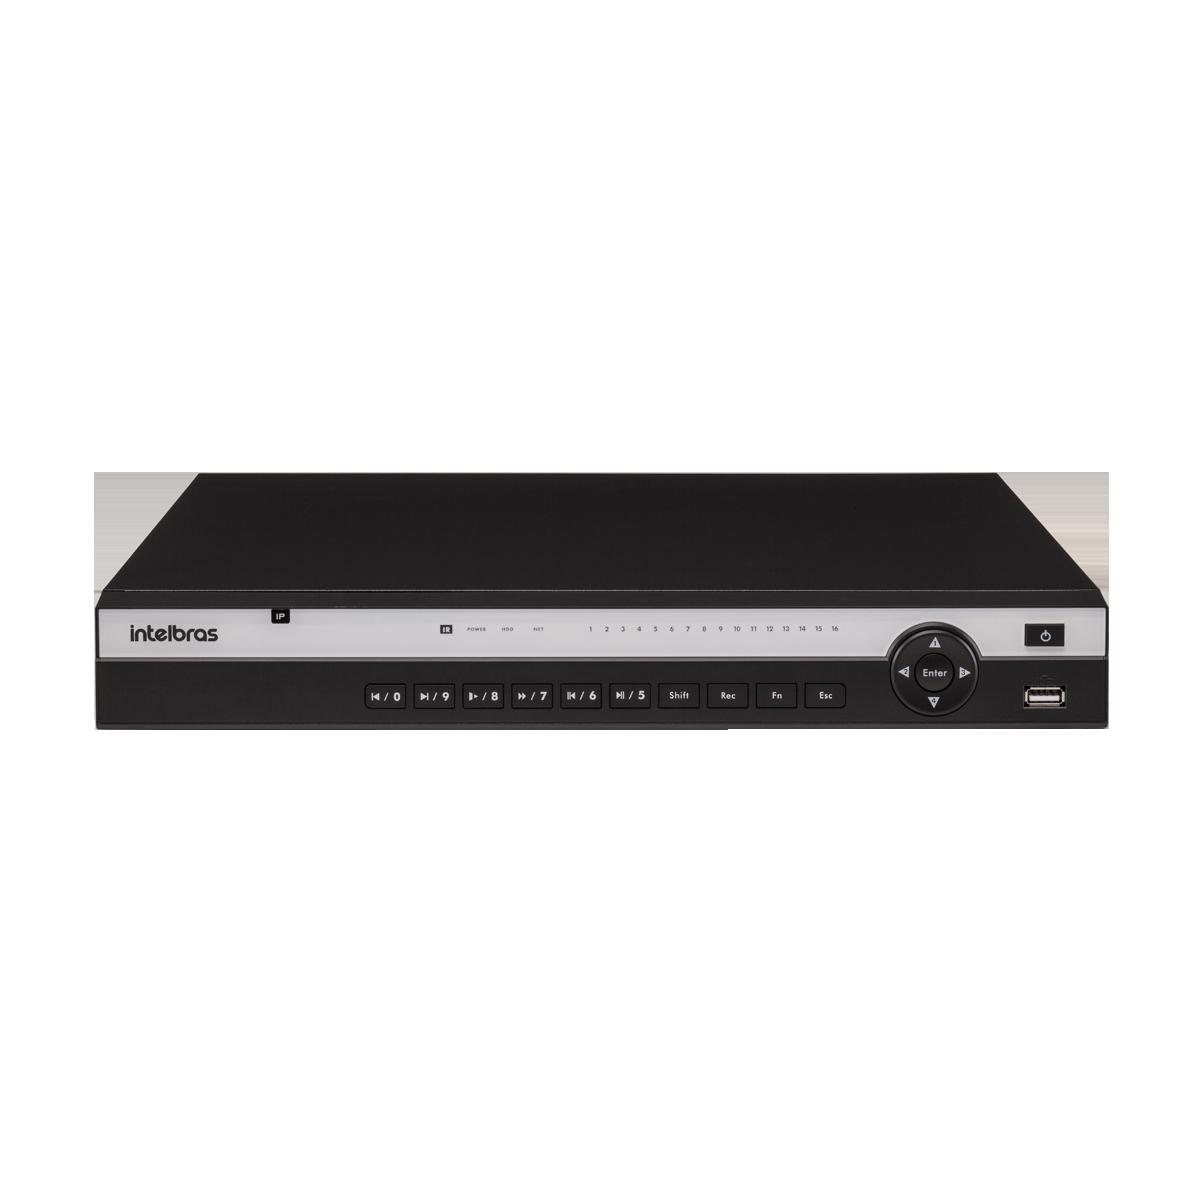 NVD 3116 C/ HD 3TB - GRAV. DIG. DE VÍDEO EM REDE PARA ATÉ 16 CANAIS IP EM FULL HD @ 30 FPS, INTELIGÊNCIA DE VÍDEO EM TODOS OS CANAIS, H.265, SUPORTE PARA 2HDS E SUPORTA CÂMERAS COM RESOLUÇÃO 4K - PROD  - Sandercomp Virtual